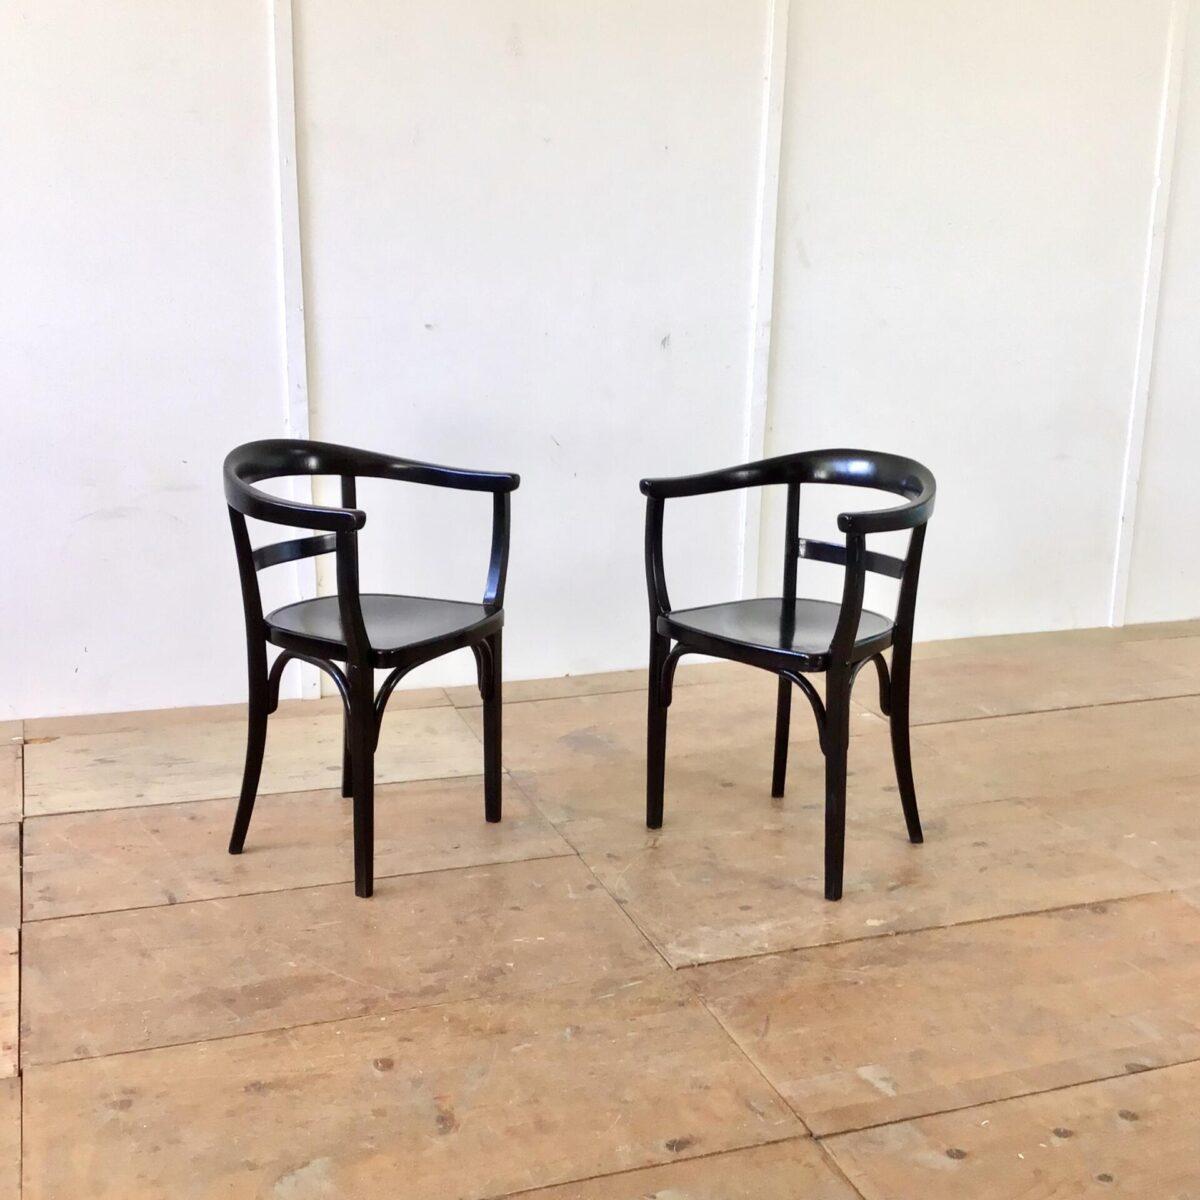 deuxieme.shop Zwei schwarze Armlehnstühle von Thonet. Die Farbe hat den einen oder anderen hick und Kratzer, aber allgemein in schönem stabilen Zustand.